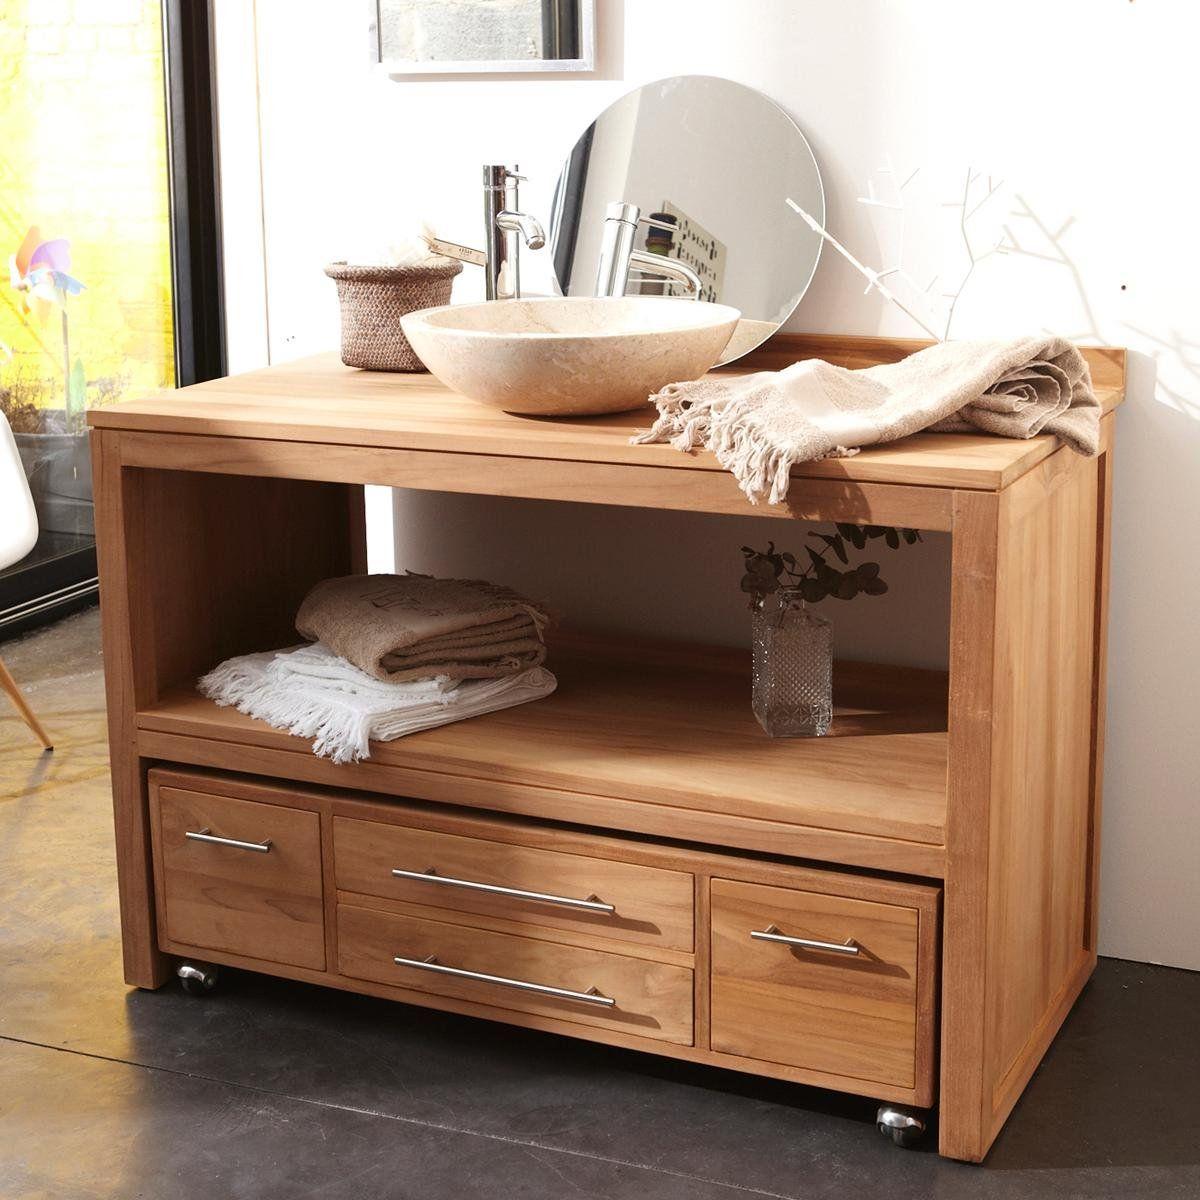 meuble salle de bain ouvert mobilier industriel dans luintrieur plan ouvert u photos cool with. Black Bedroom Furniture Sets. Home Design Ideas